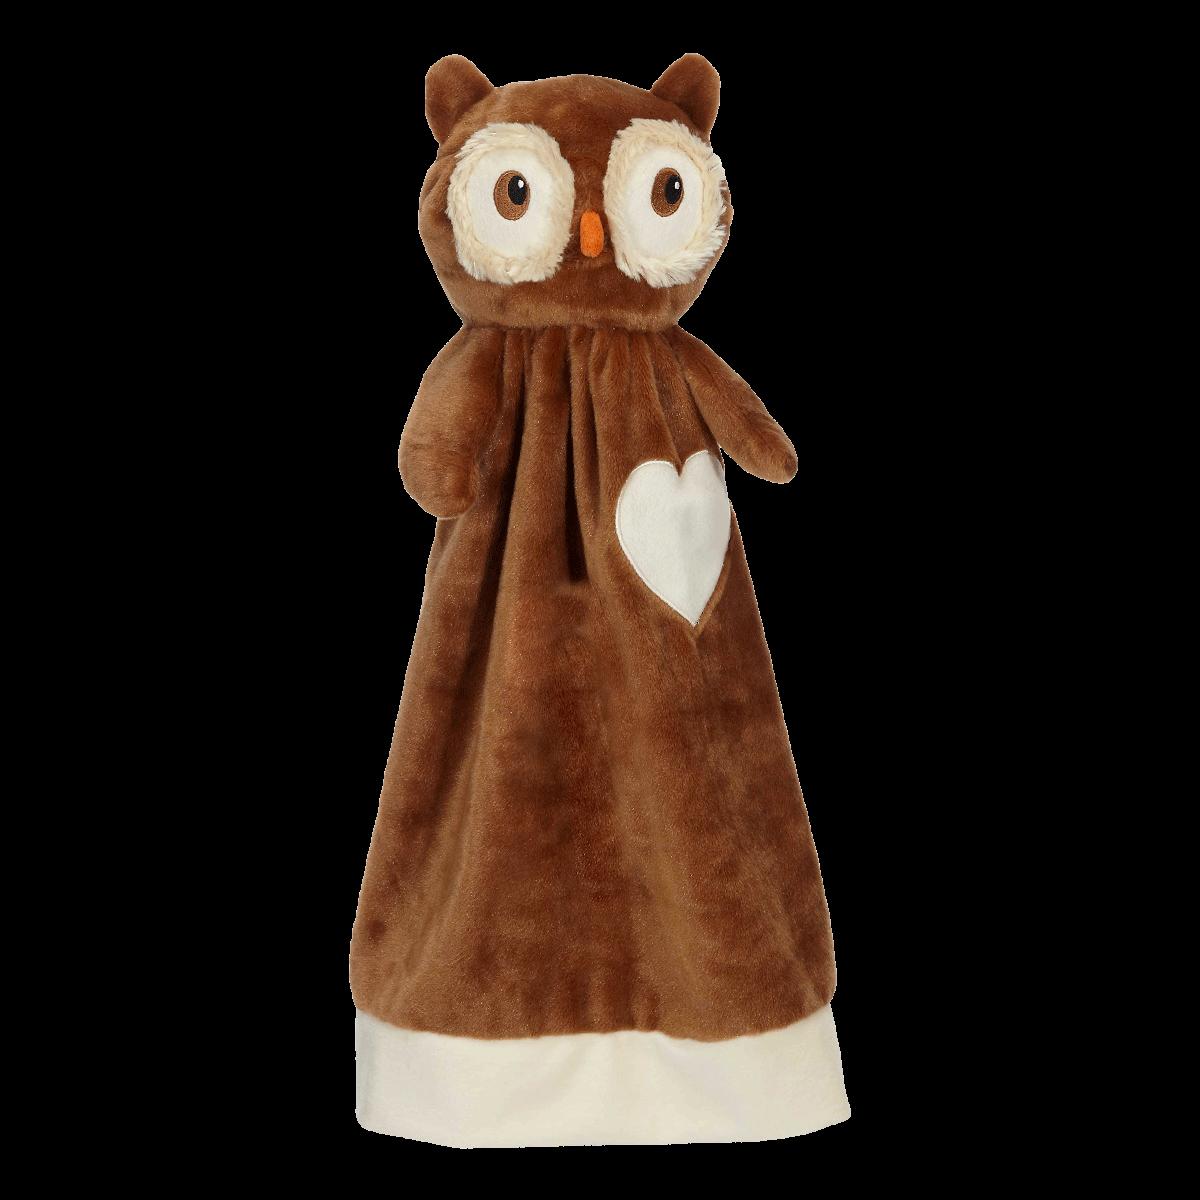 Embroider Buddy® – Blankey Buddy Okie Owl